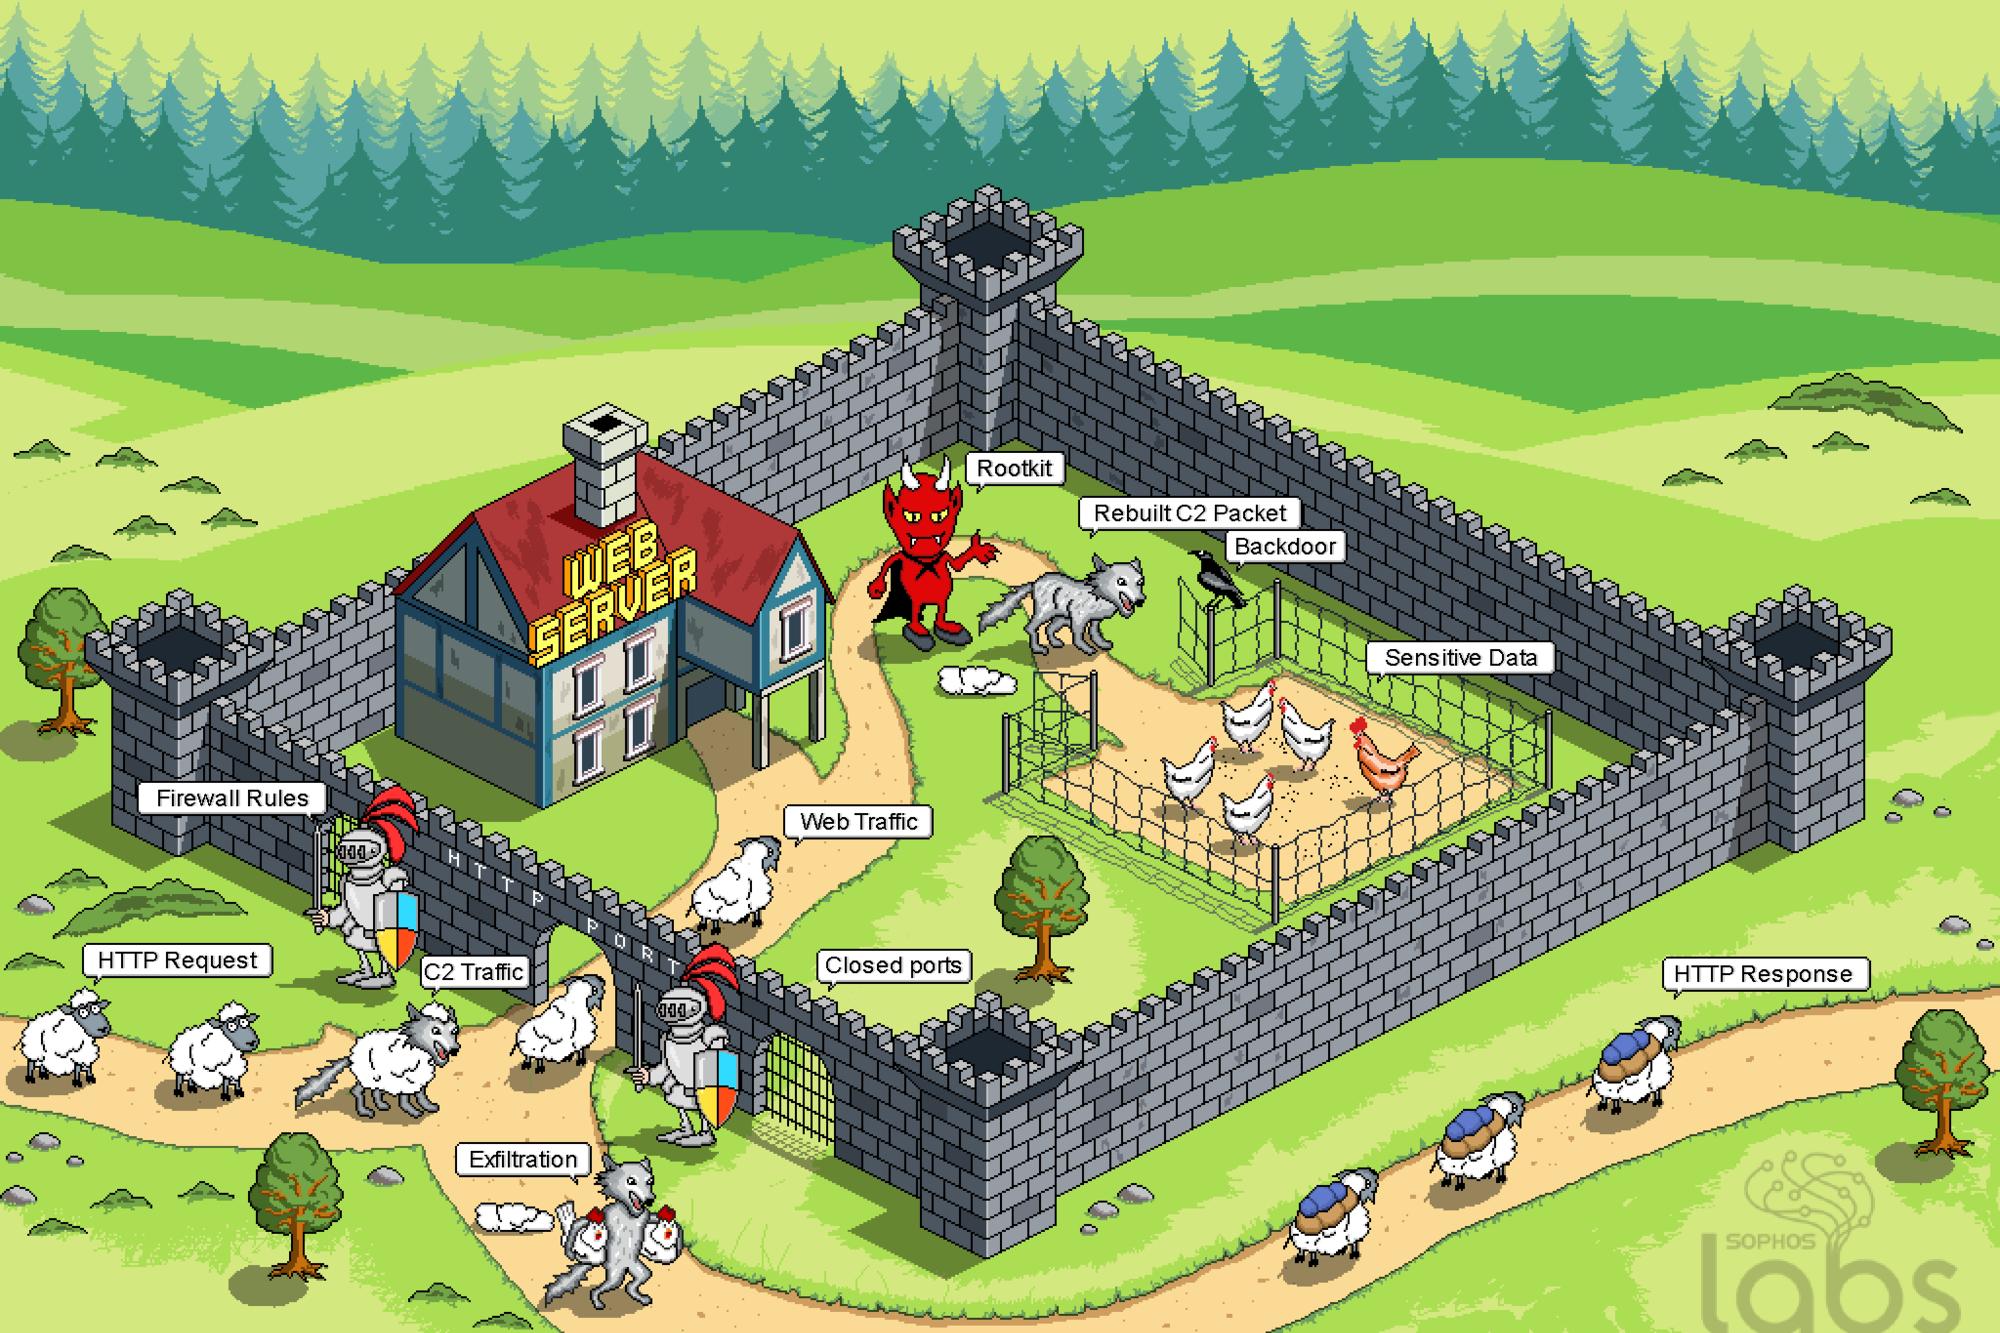 Een illustratie van hoe Cloud Snooper werkt, Sophos Labs